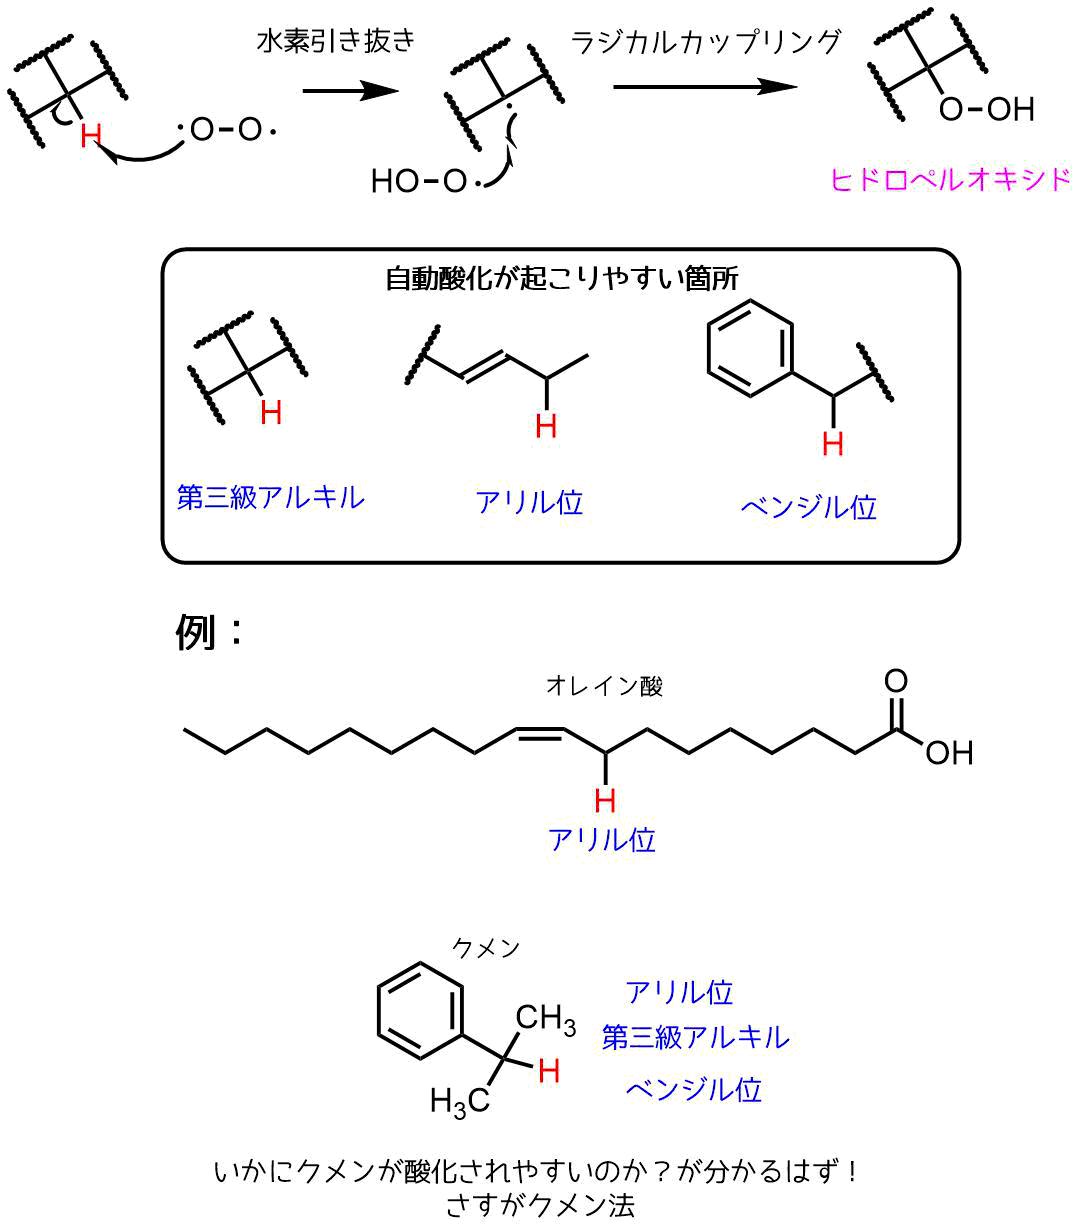 ヒドロペルオキシドの合成法ー自動酸化